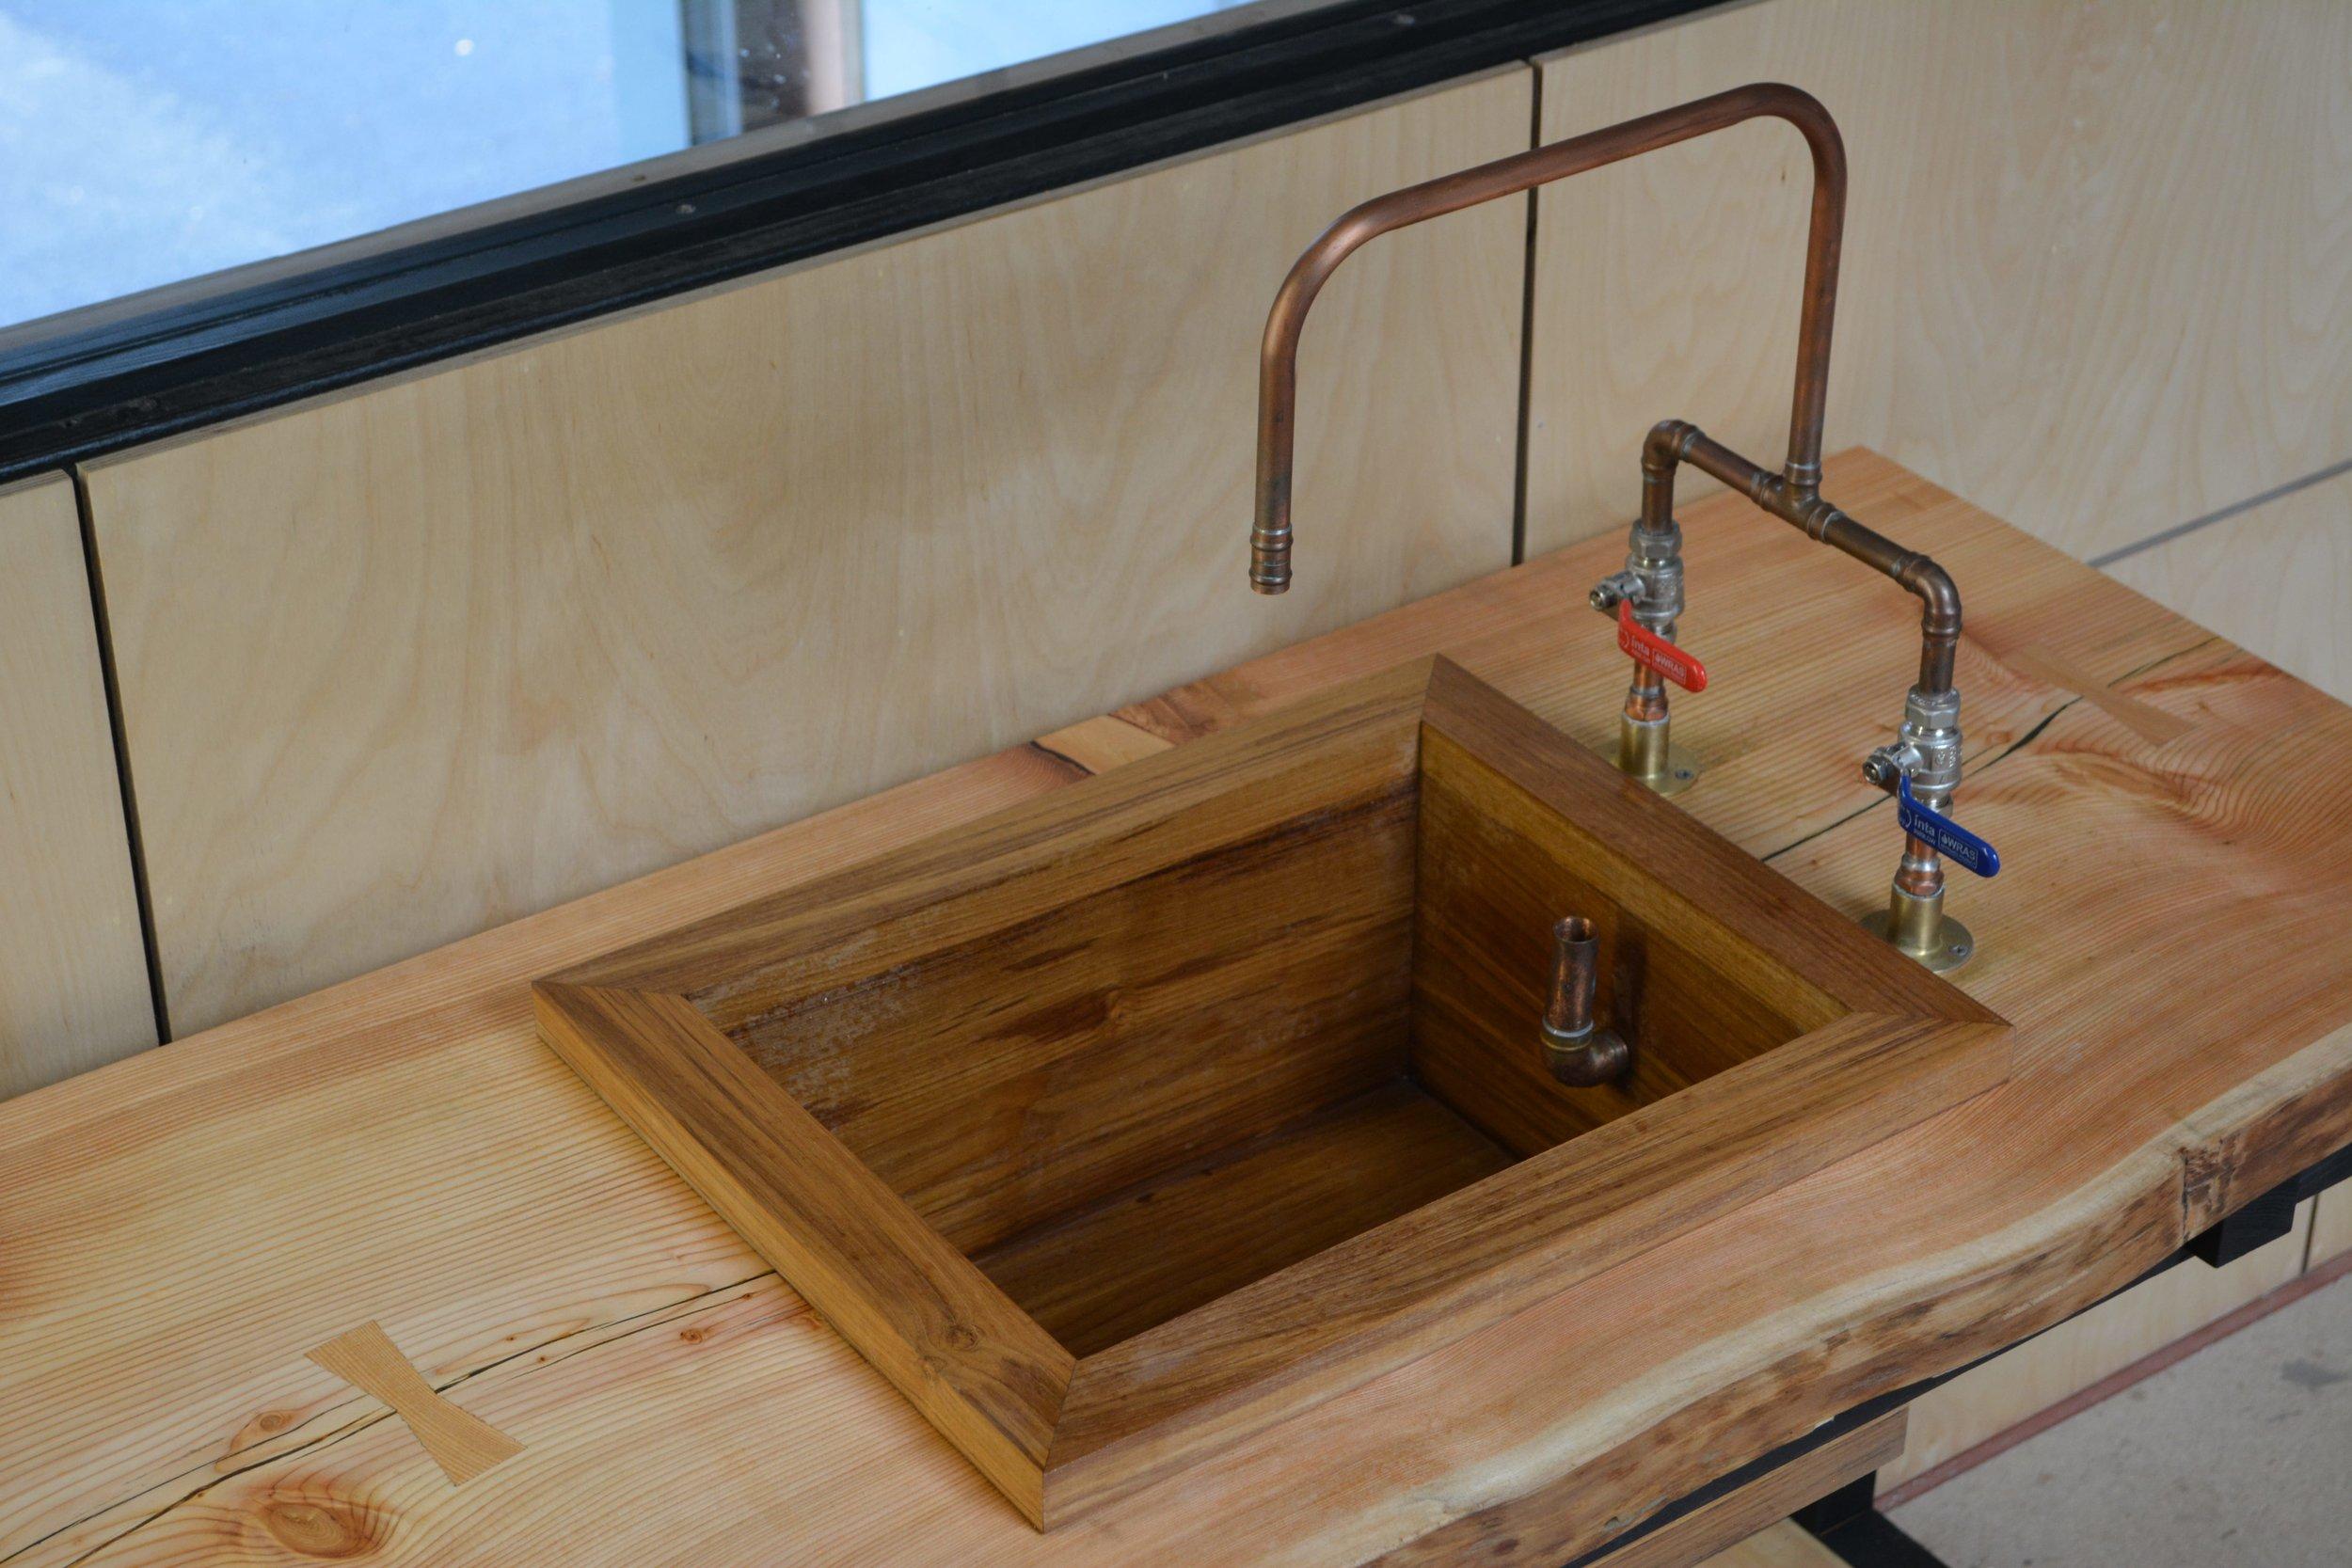 Takumi Woodwork - Teak Sink